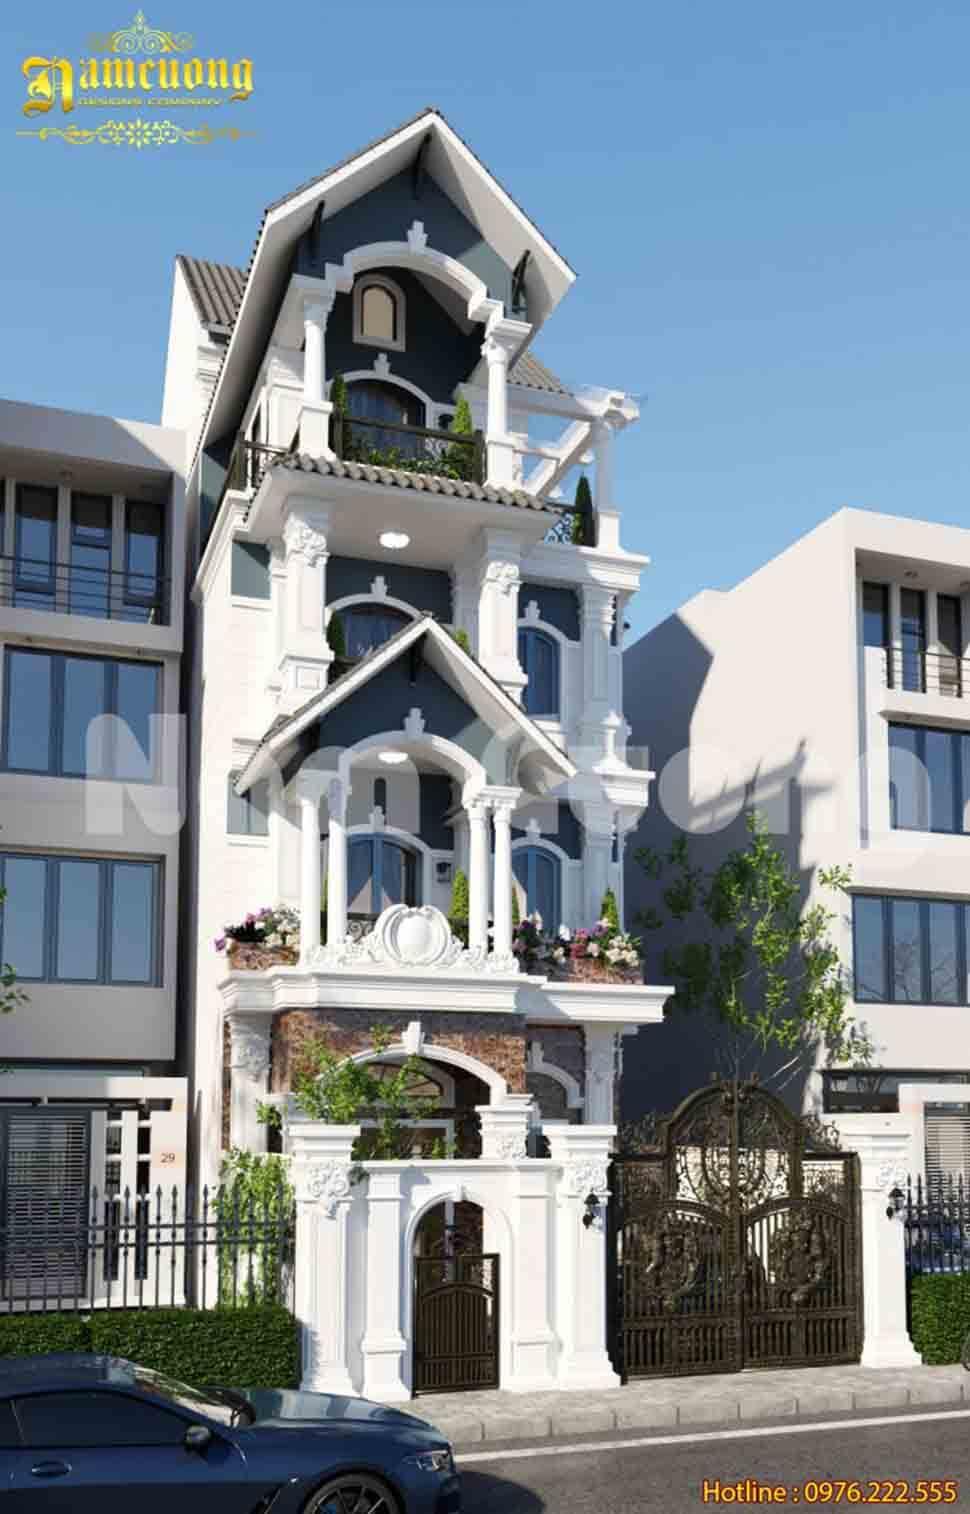 Cổng biệt thự kiểu Pháp làm từ chất liệu Nhôm đúc